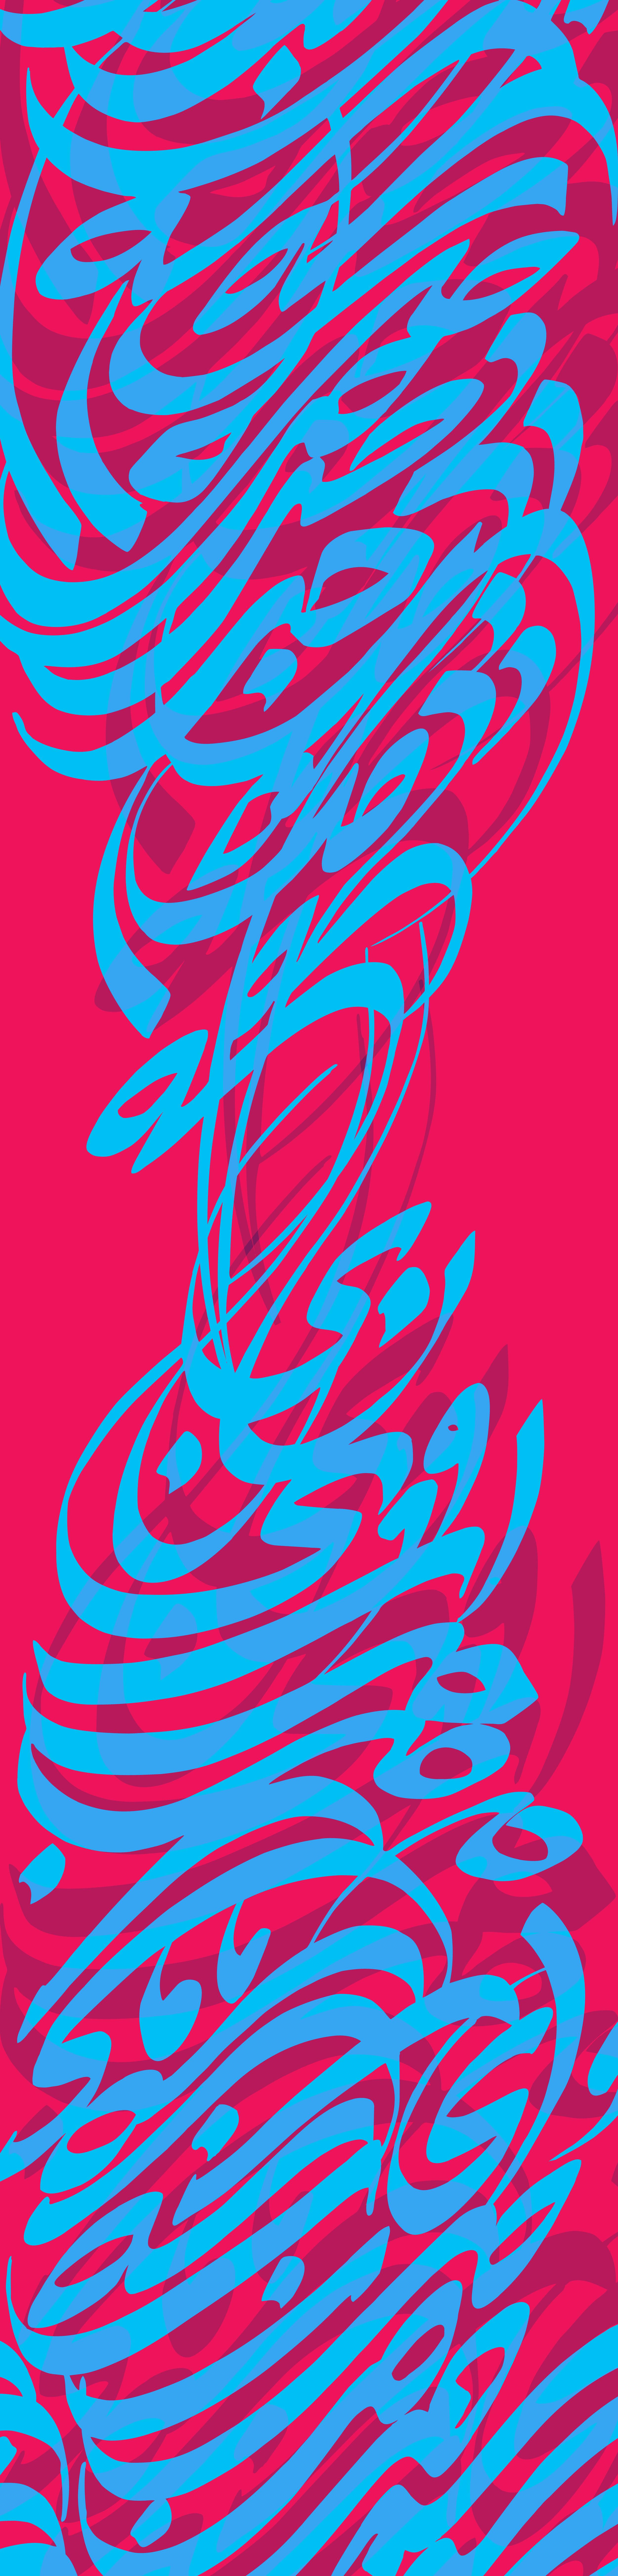 Sasan_Nasernia_Dubai_Artwork copy.jpg